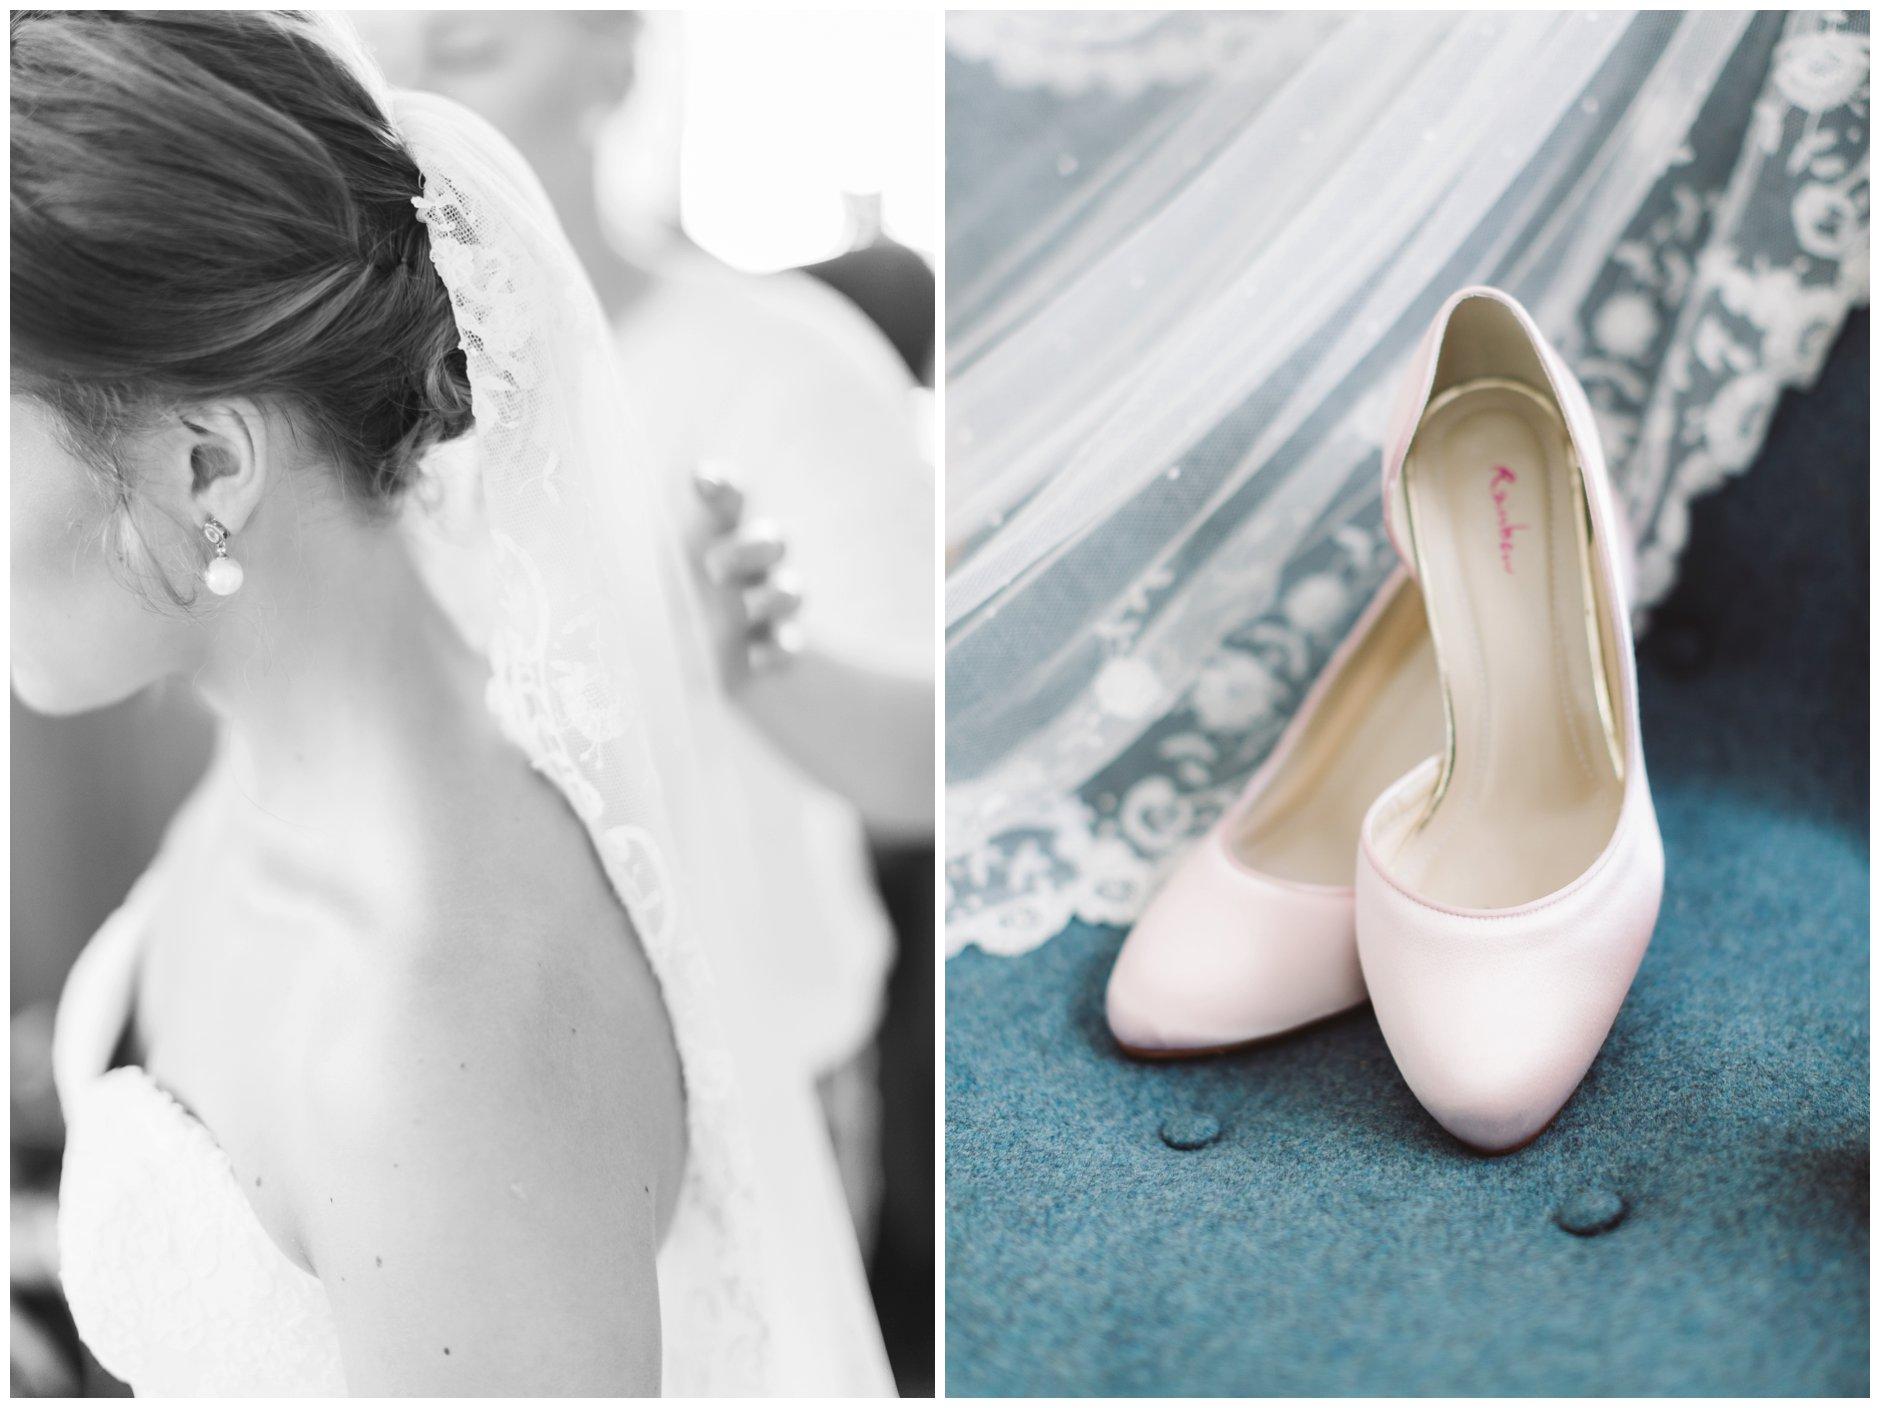 Fotograf-Eline-Jacobine-Bryllupsbilder-brudens-detaljer-fargede-sko-pudder-rosa-slør